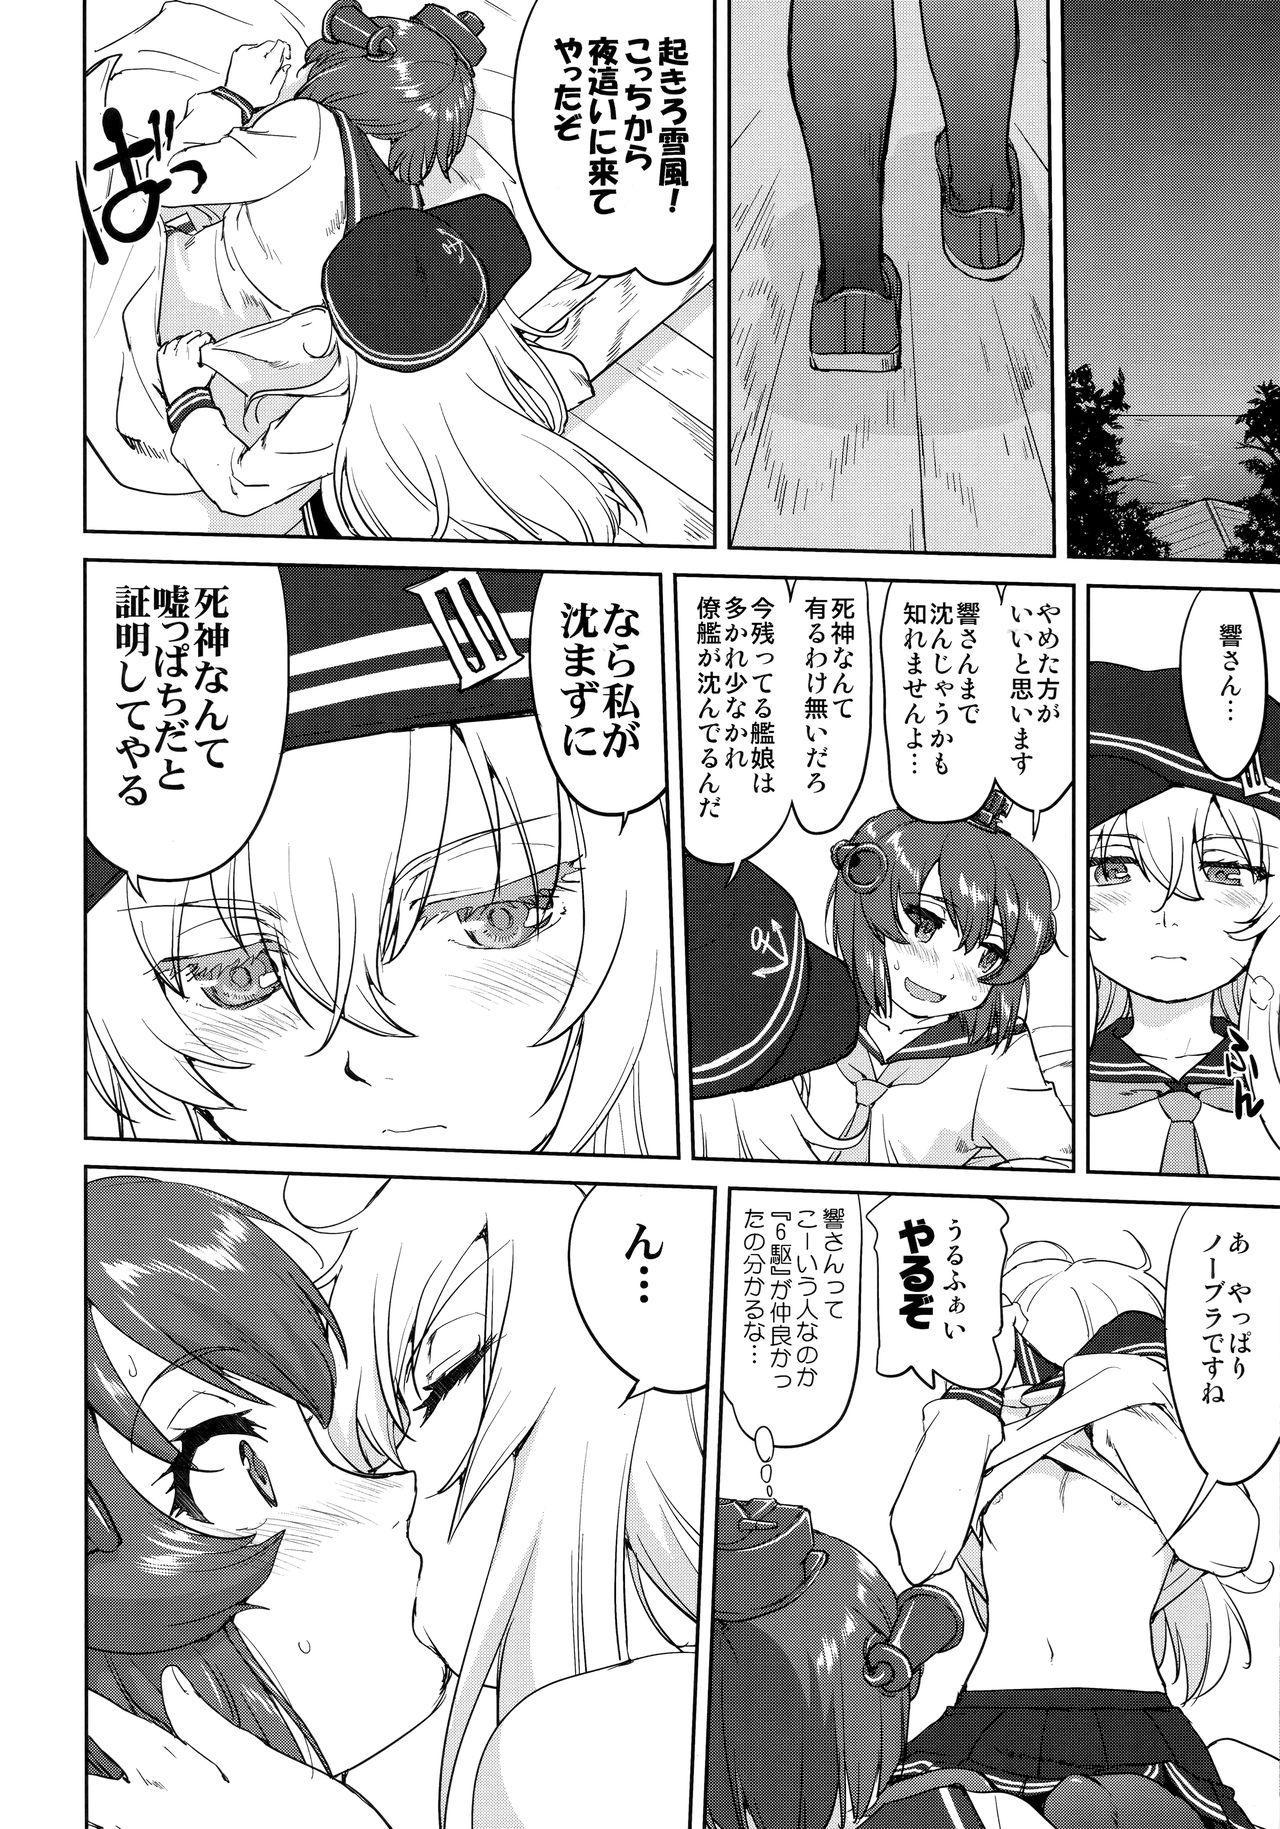 Teitoku no Ketsudan Kanmusu no Ichiban Nagai Hi 34